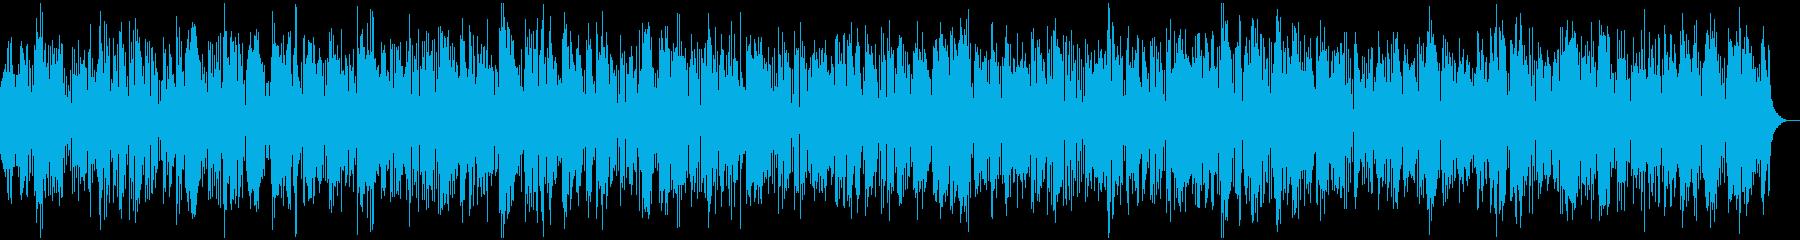 レトロなクラリネットデキシーランドジャズの再生済みの波形